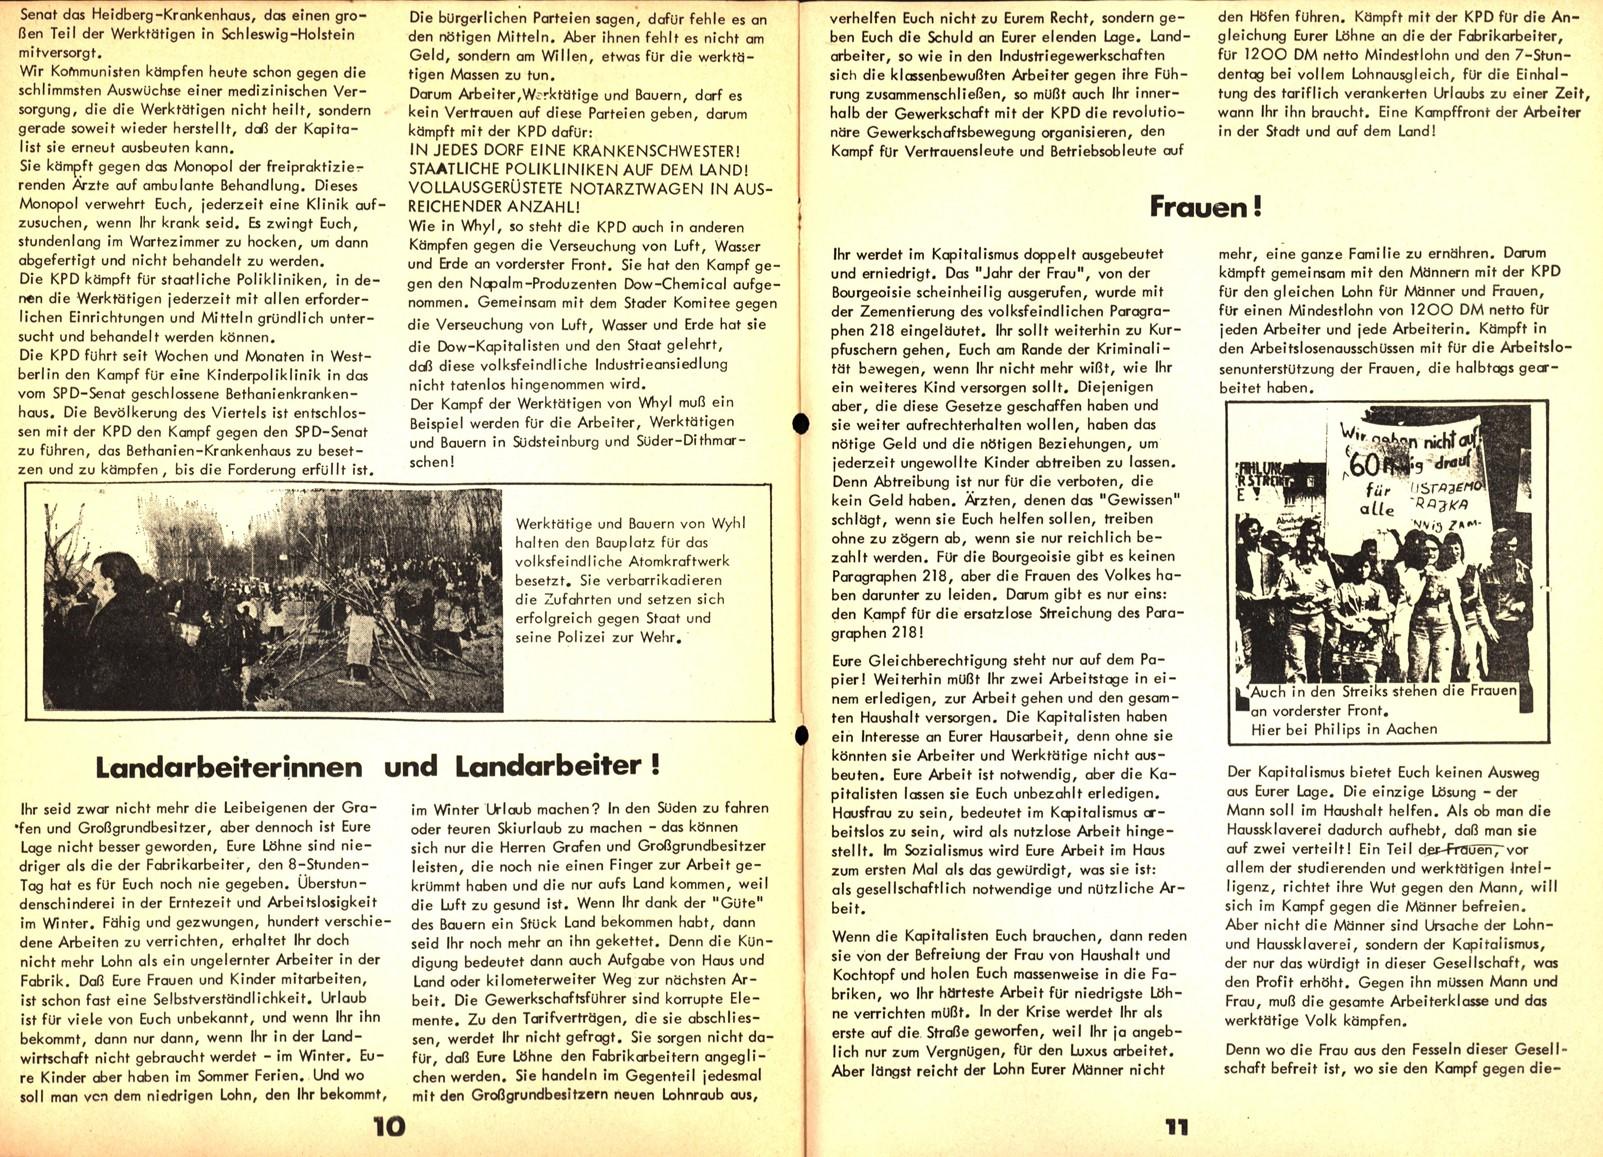 Schleswig_Holstein_KPDAO_1975_Landtagswahlen_07